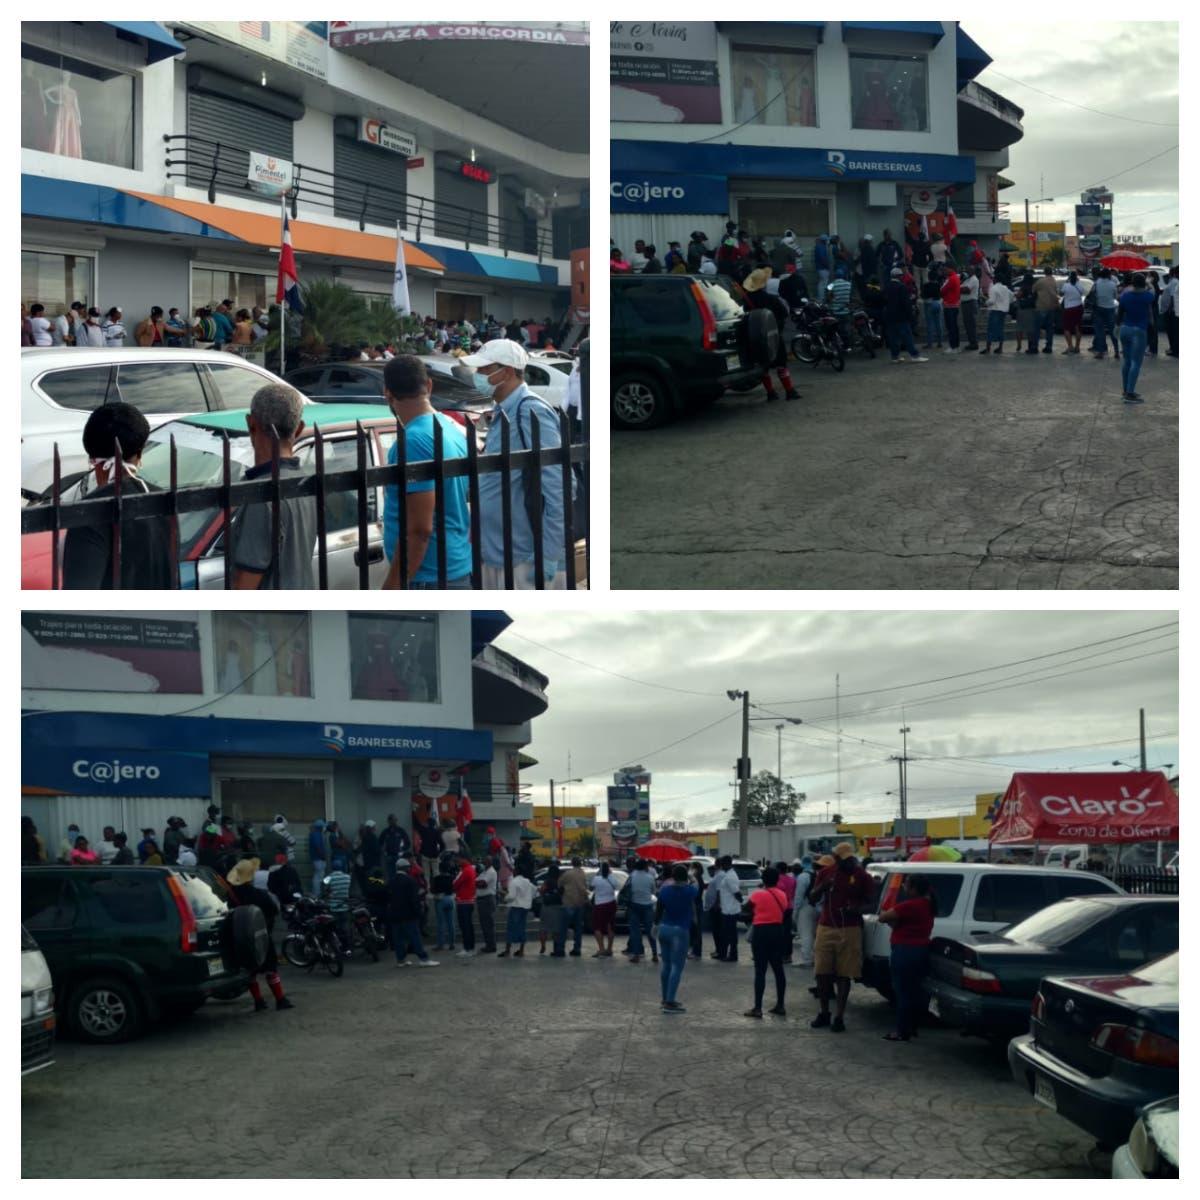 Como si fuera Black Friday, multitud acude a sucursales de Banreservas pese a cuarentena por covid-19